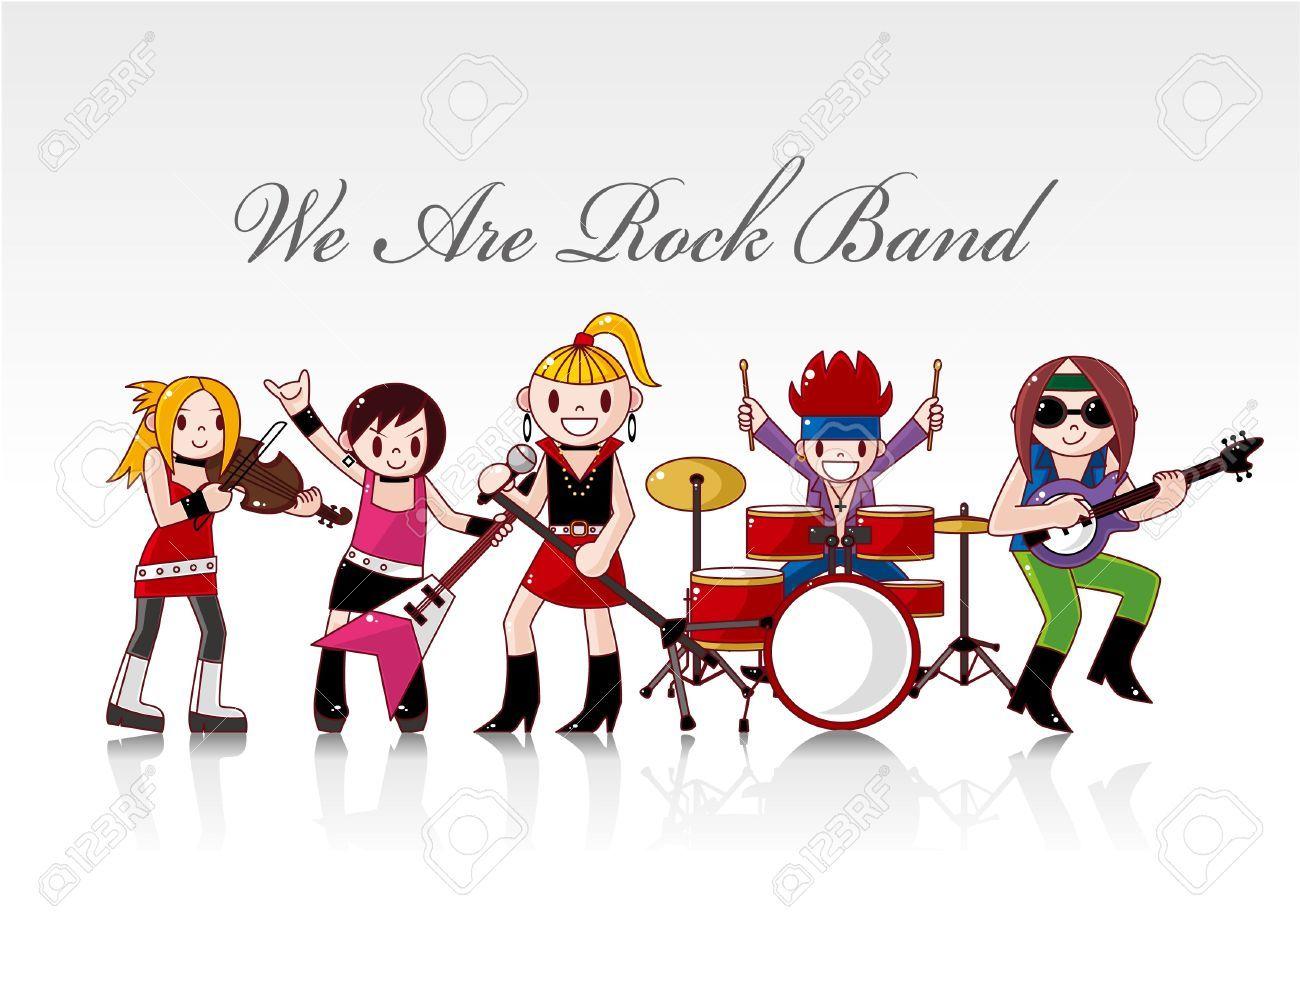 Cartoon rock band clipart 2 » Clipart Portal.